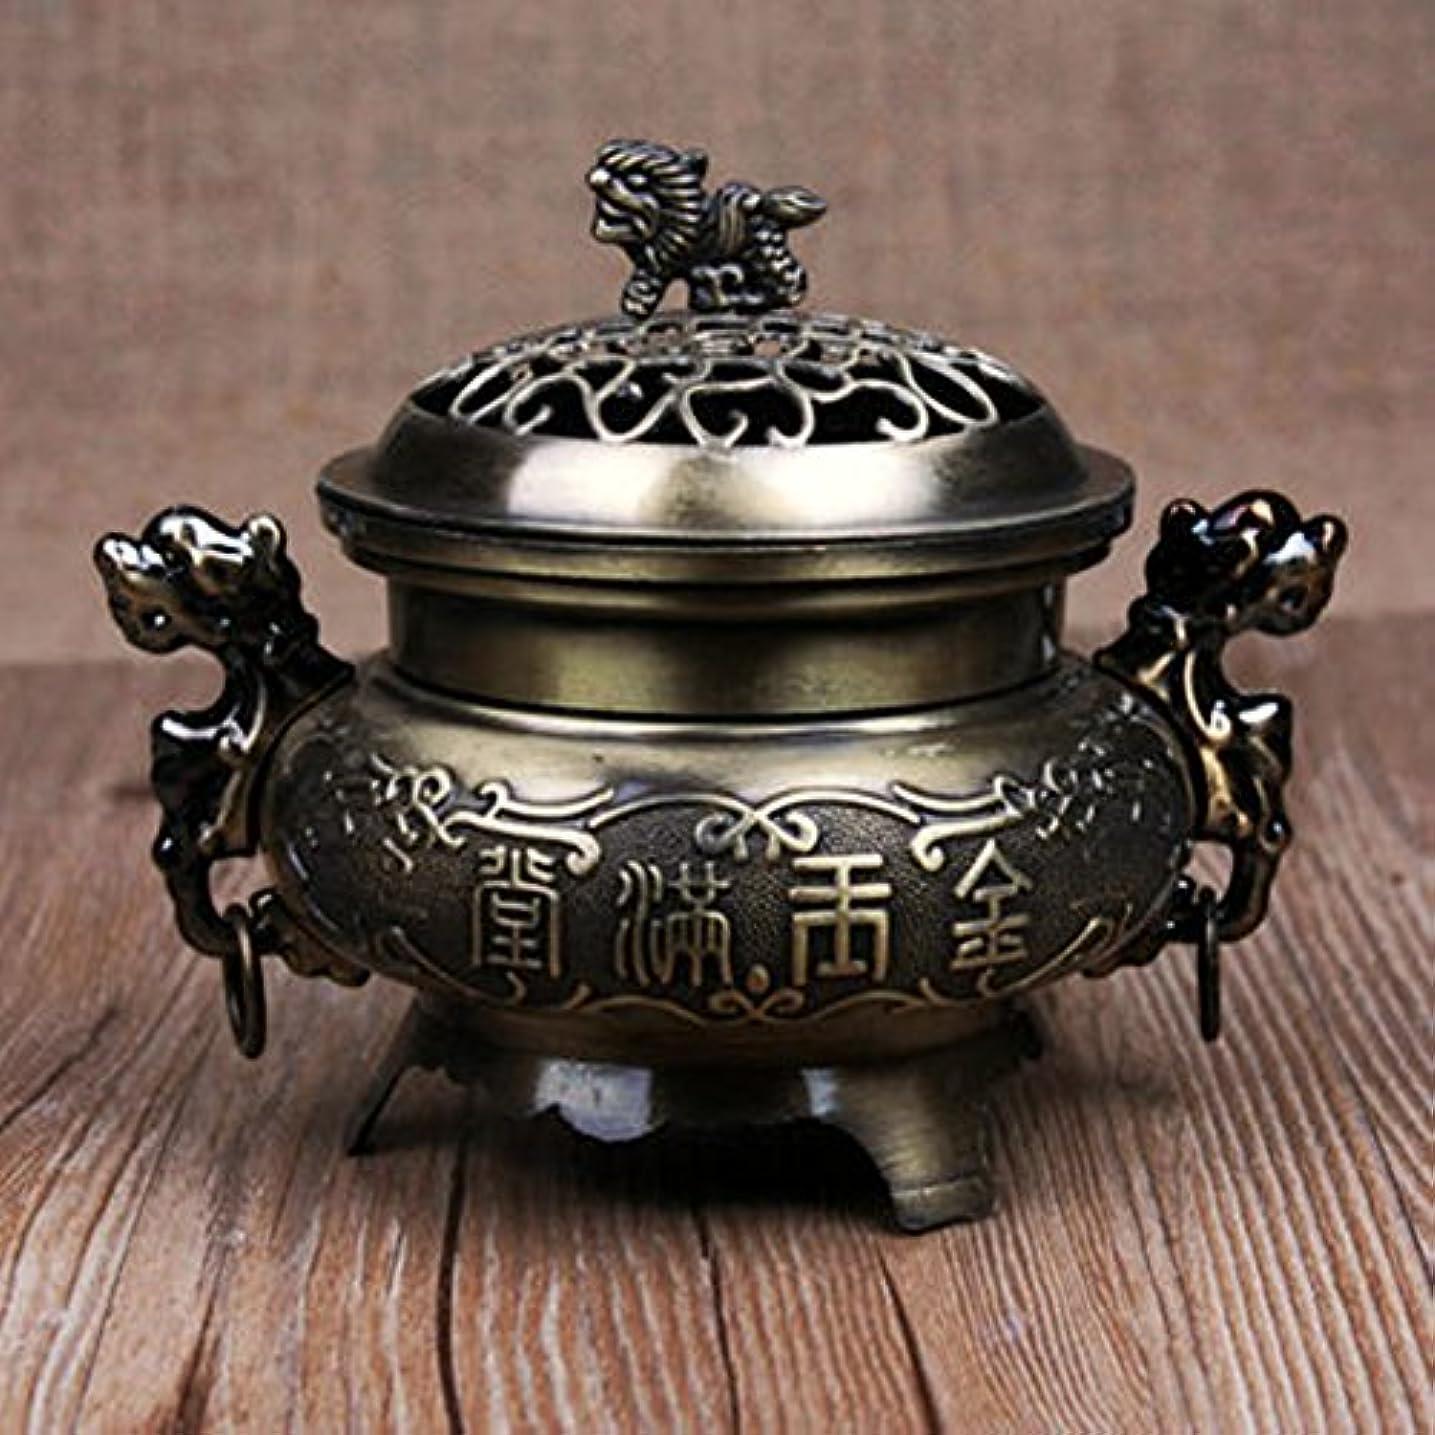 プレゼンテーション細い寝具Liebeye レトロスタイルの合金香炉 バーナーダブルドラゴン 中空カバー香炉 ホームデコレーション 青銅色